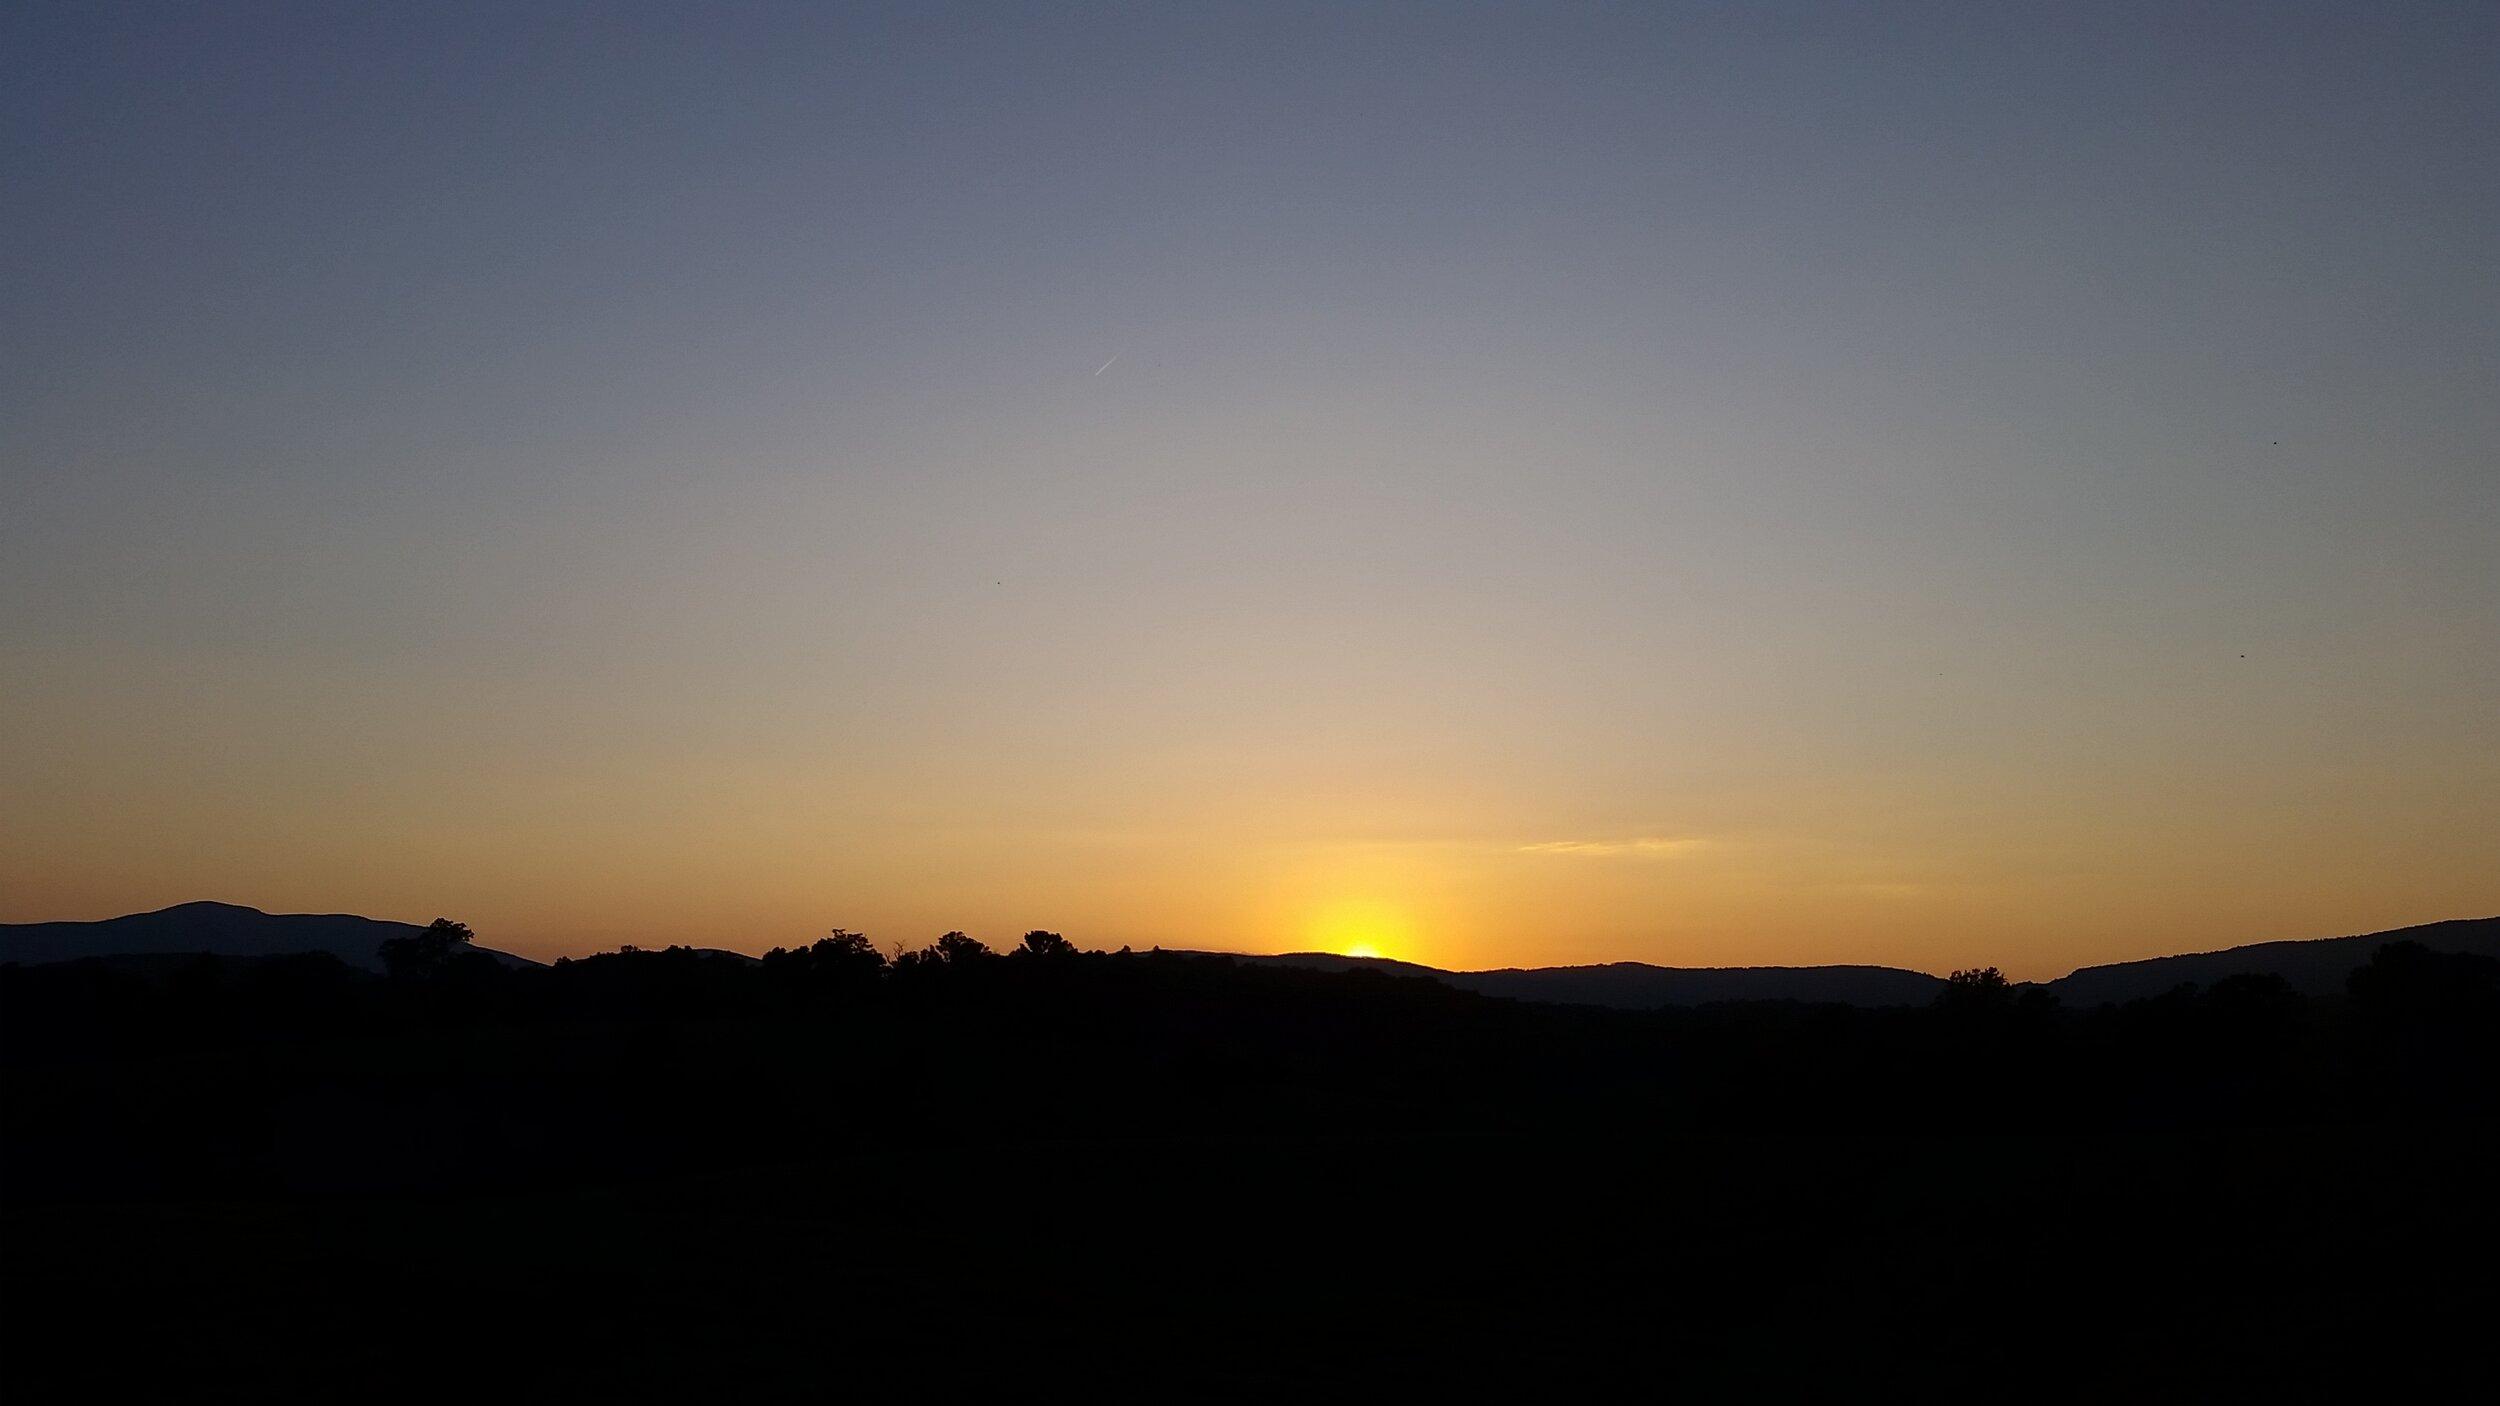 Final summer sunset 2019.